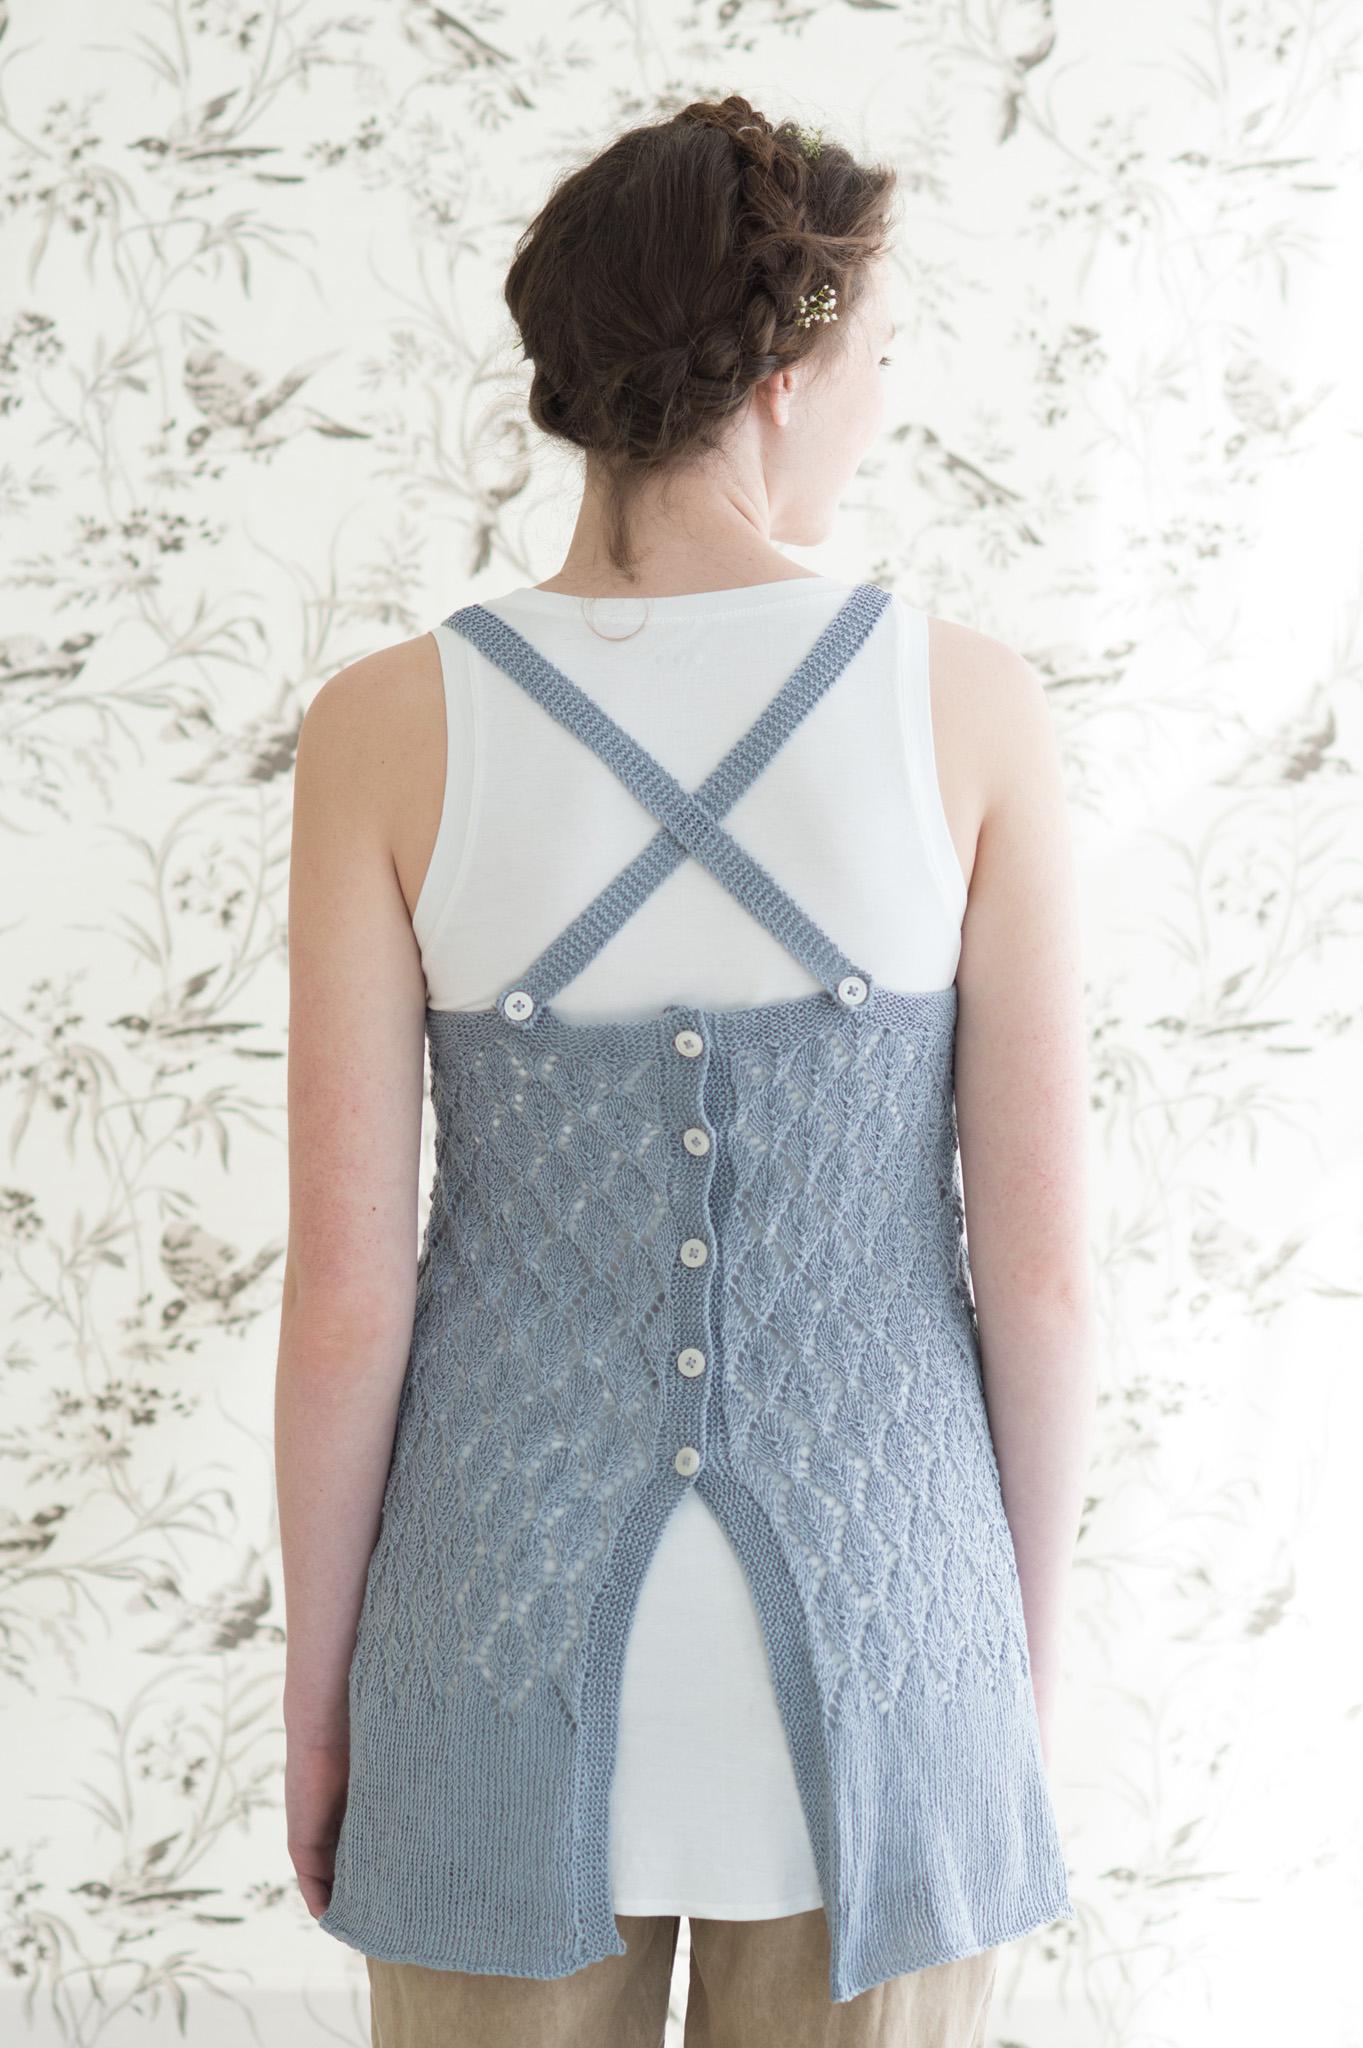 -quince-co-fir cone-pam-allen-knitting-pattern-sparrow-2.jpg